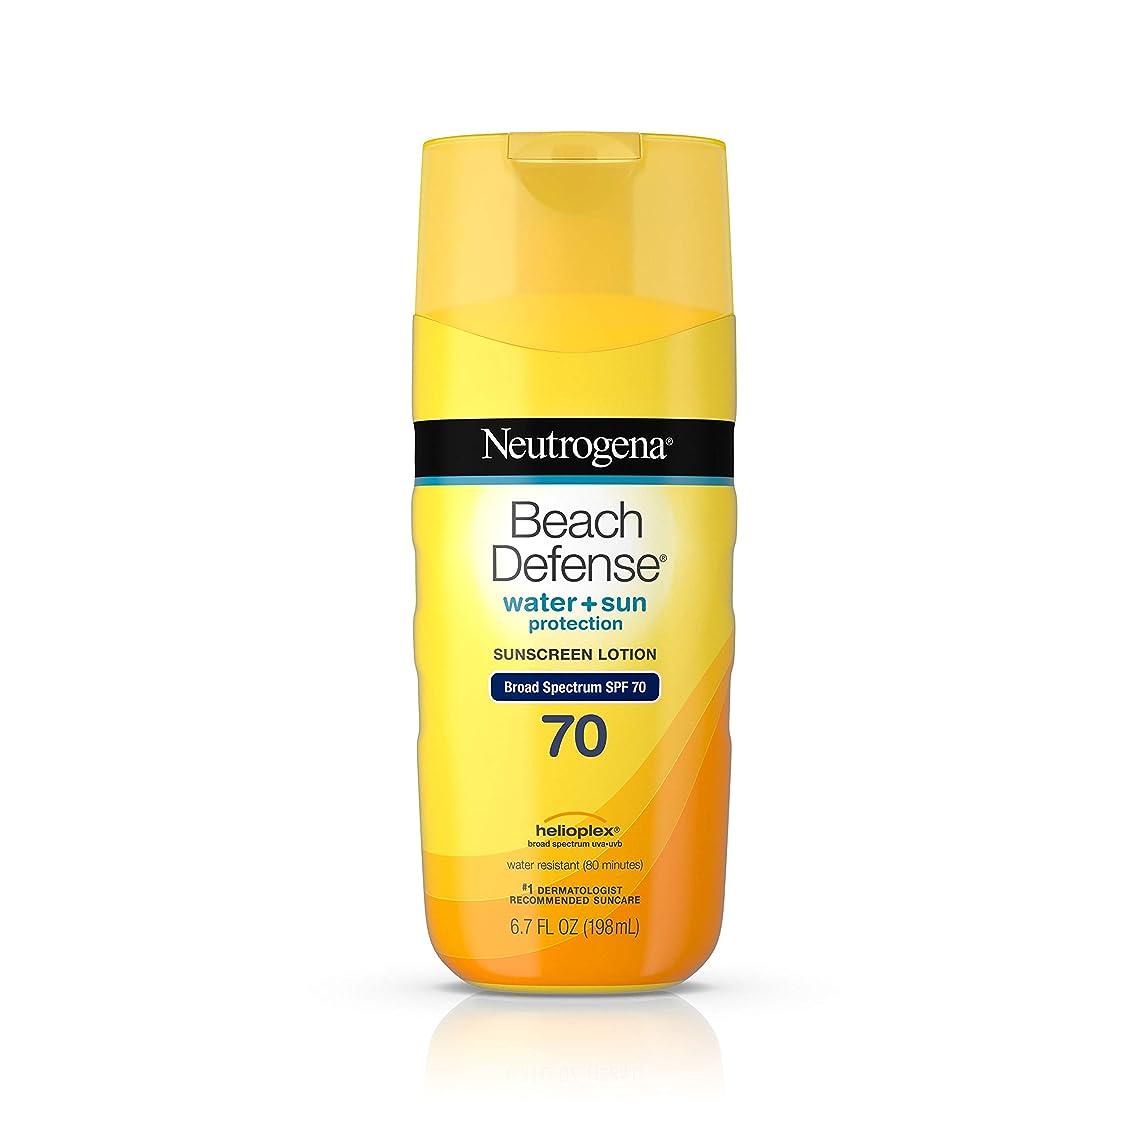 友だち追い越すクライアント海外直送品Neutrogena Neutrogena Beach Defense Lotion SPF 70, 6.7 oz